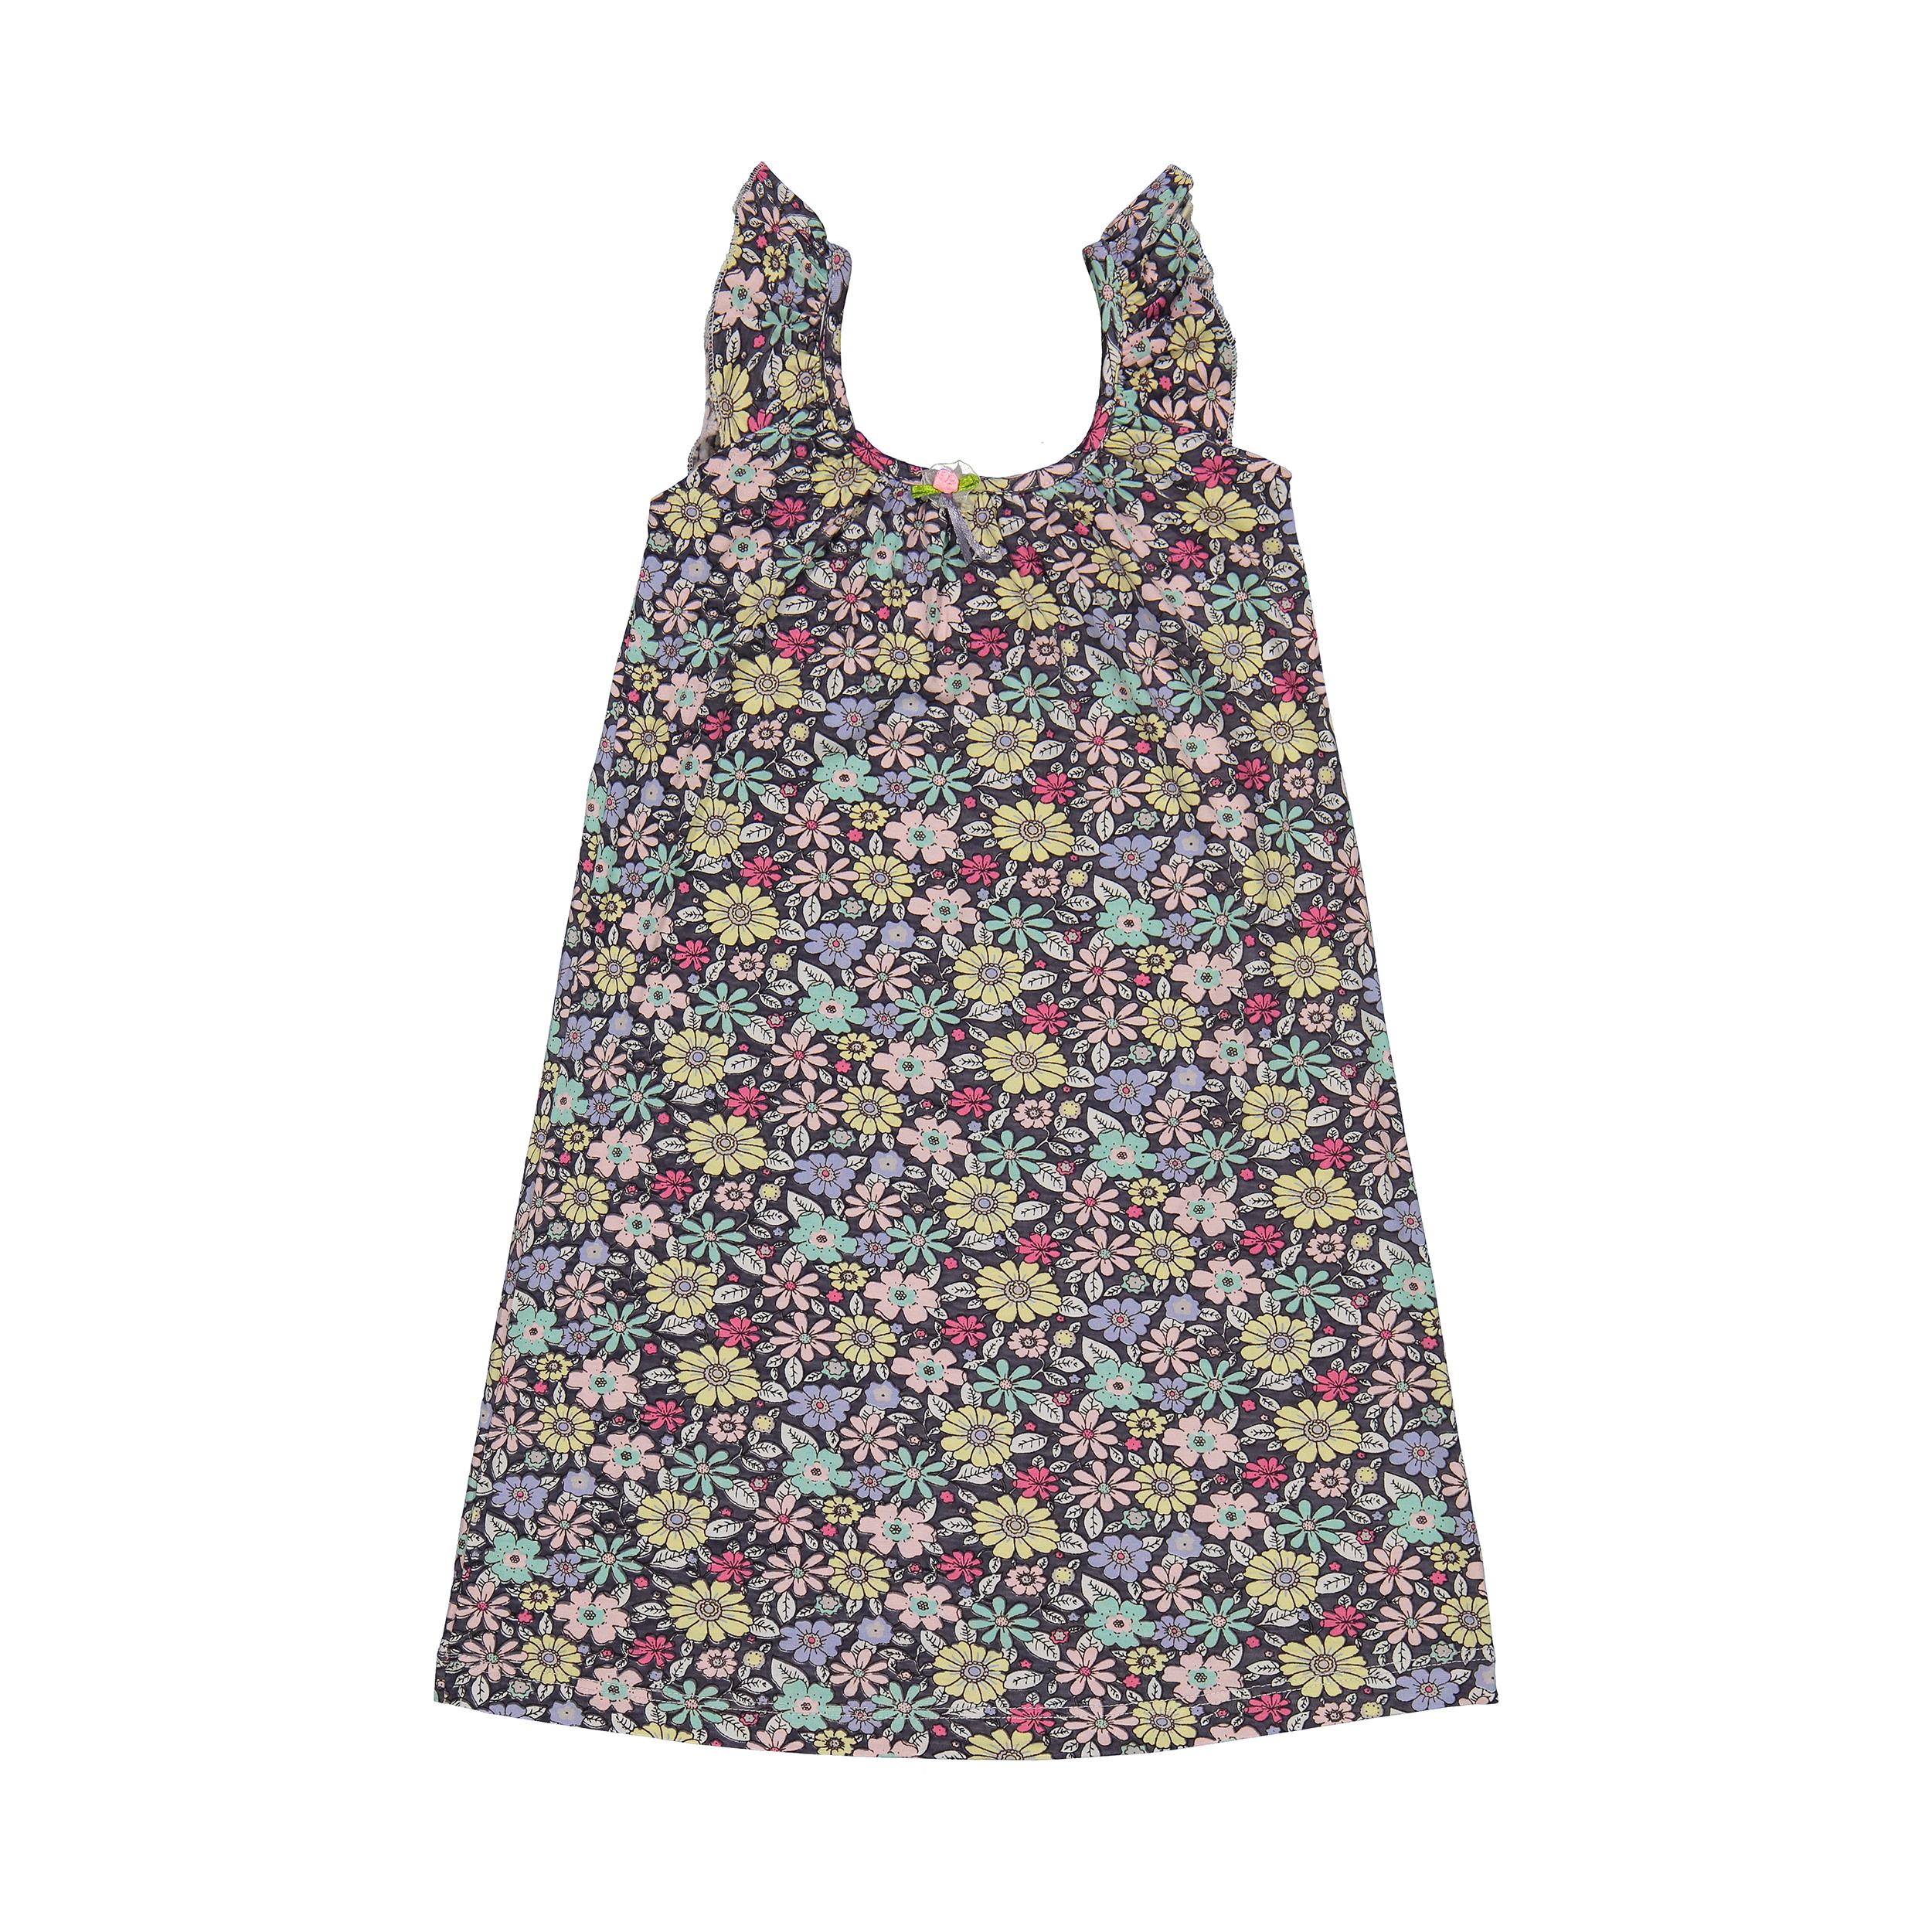 پیراهن راحتی دخترانه ناربن مدل 1521217-9353